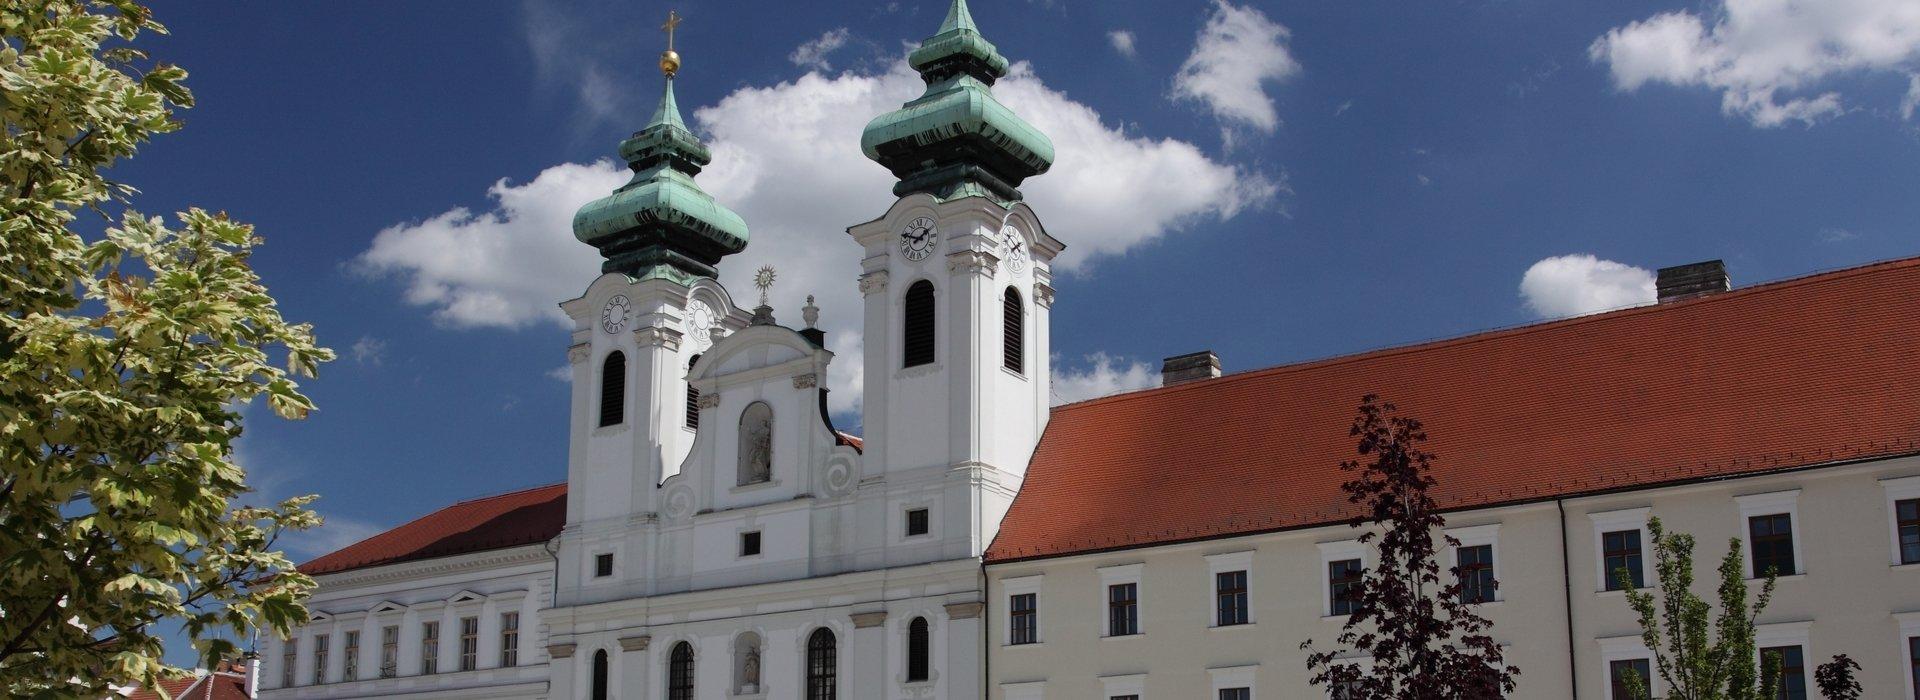 Győr Sehenswürdigkeiten